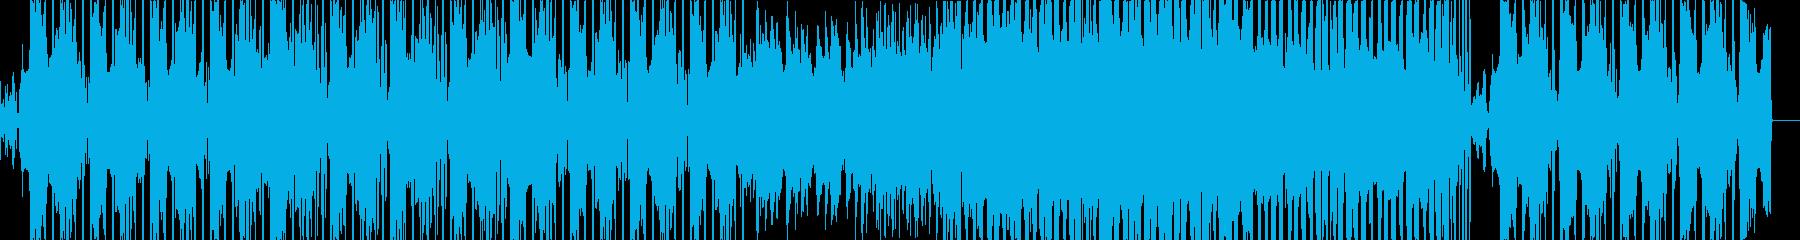 デジタル映像・紹介動画向け/ダブステップの再生済みの波形